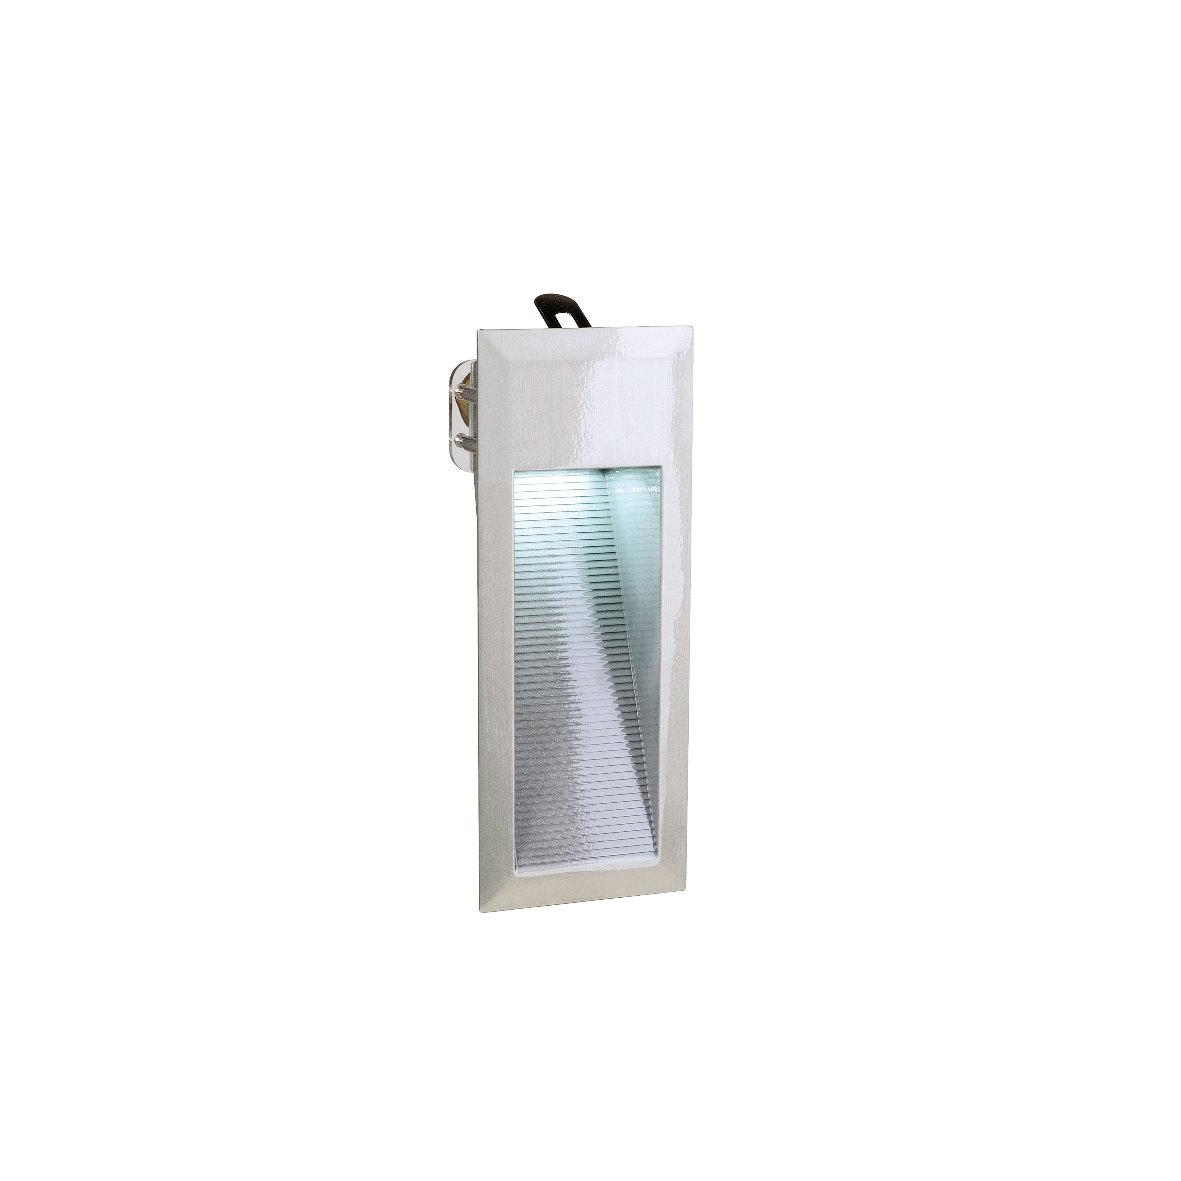 slv led wandeinbauleuchte 230v aussen garten leuchte spot wand strahler einbau ebay. Black Bedroom Furniture Sets. Home Design Ideas